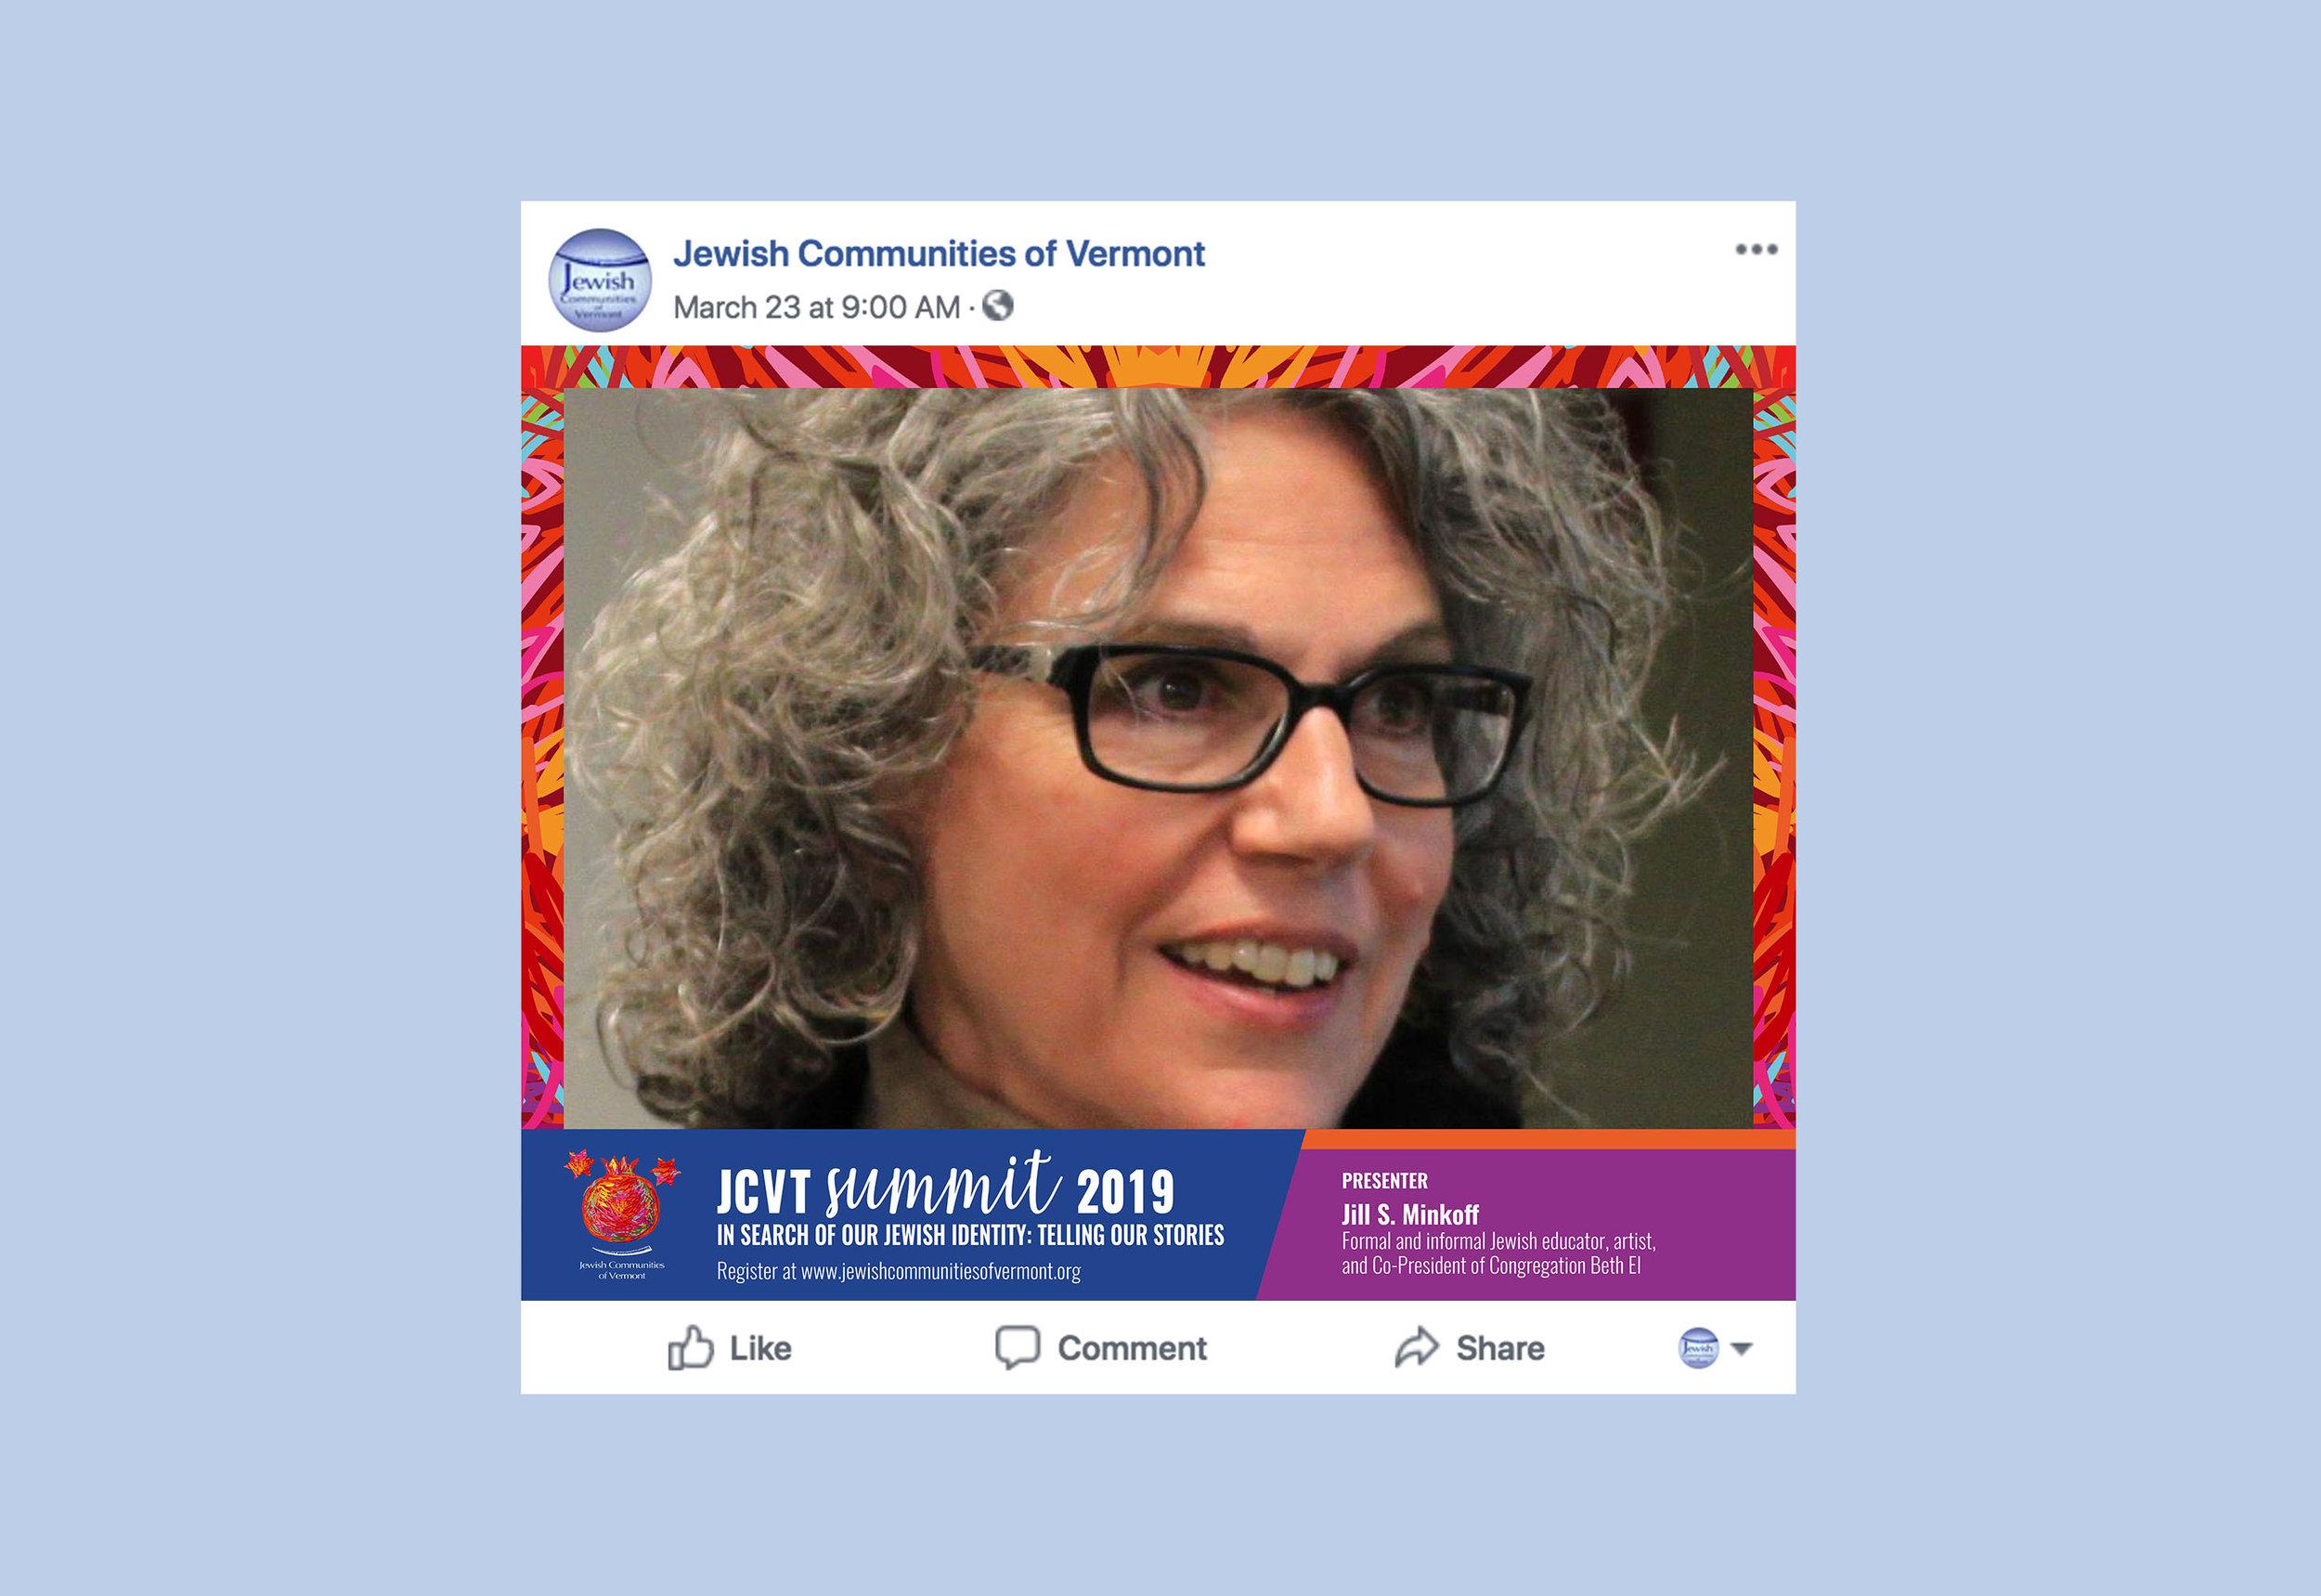 JCVT_Summit_Facebook_Mockup_JillSMinkoff.jpg